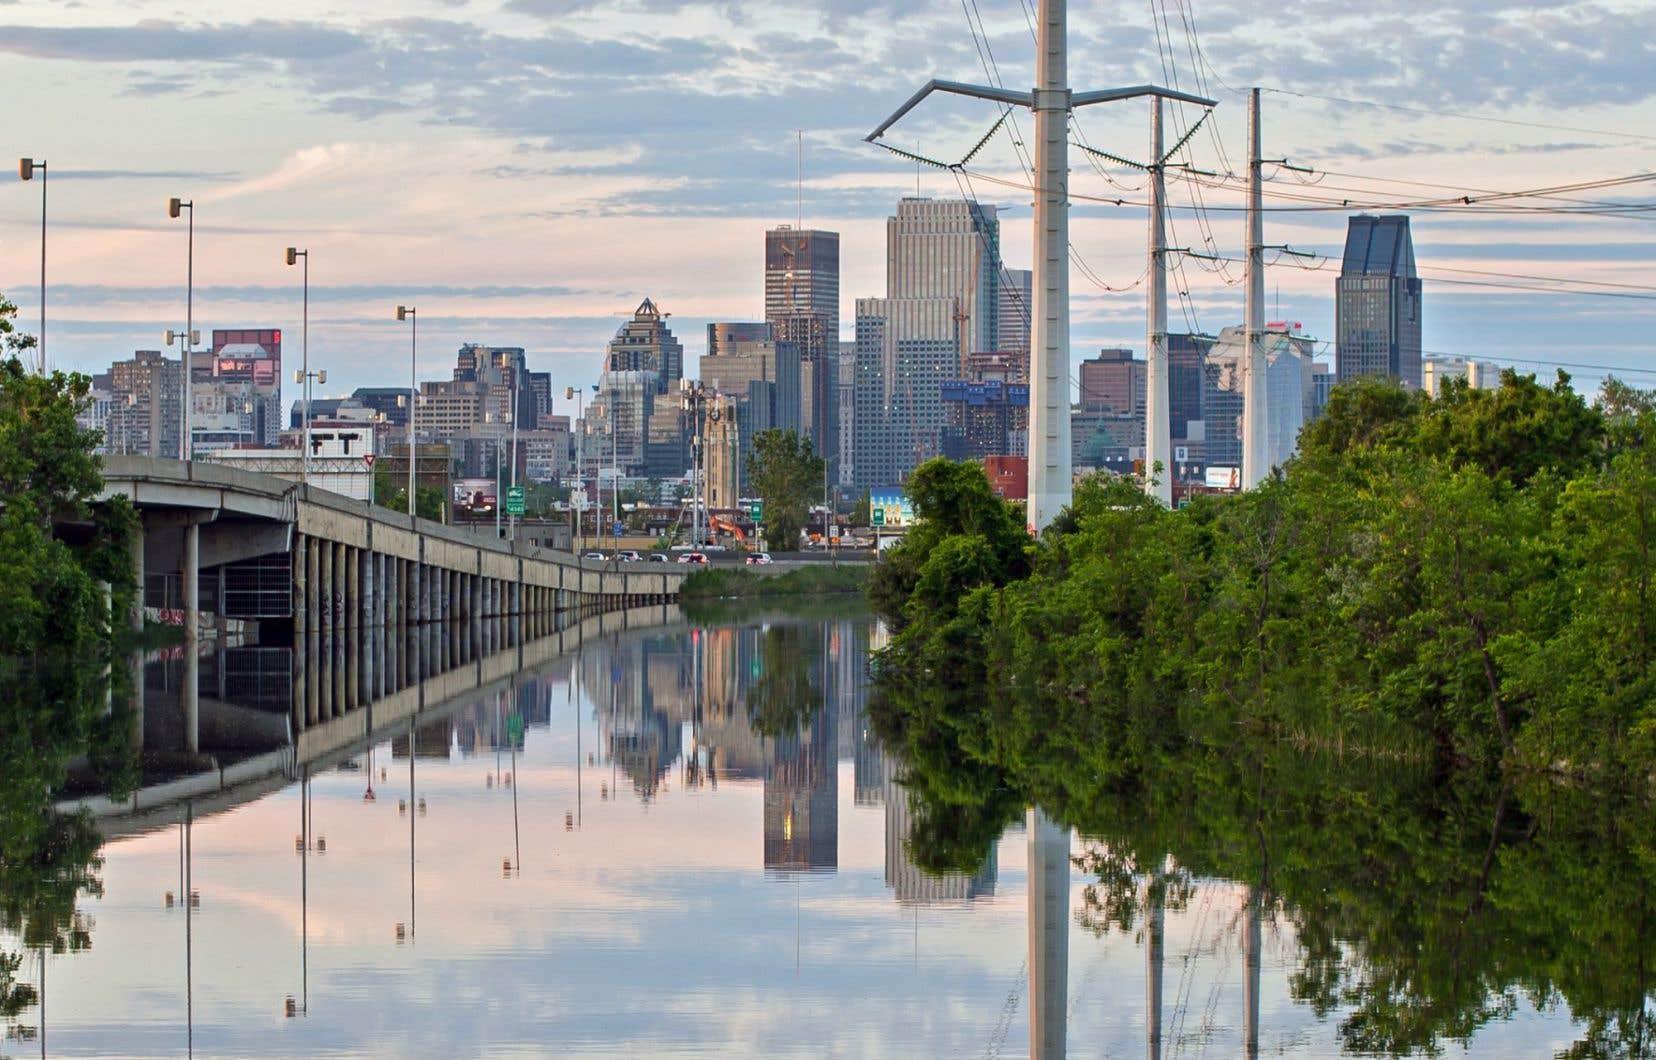 L'oléoduc Énergie Est doit permettre de transporter 1,1 million de barils de pétrole par jour. Il doit traverser 600 cours d'eau. La consommation journalière moyenne sur l'île de Montréal est de 2 millions de mètres cubes d'eau.